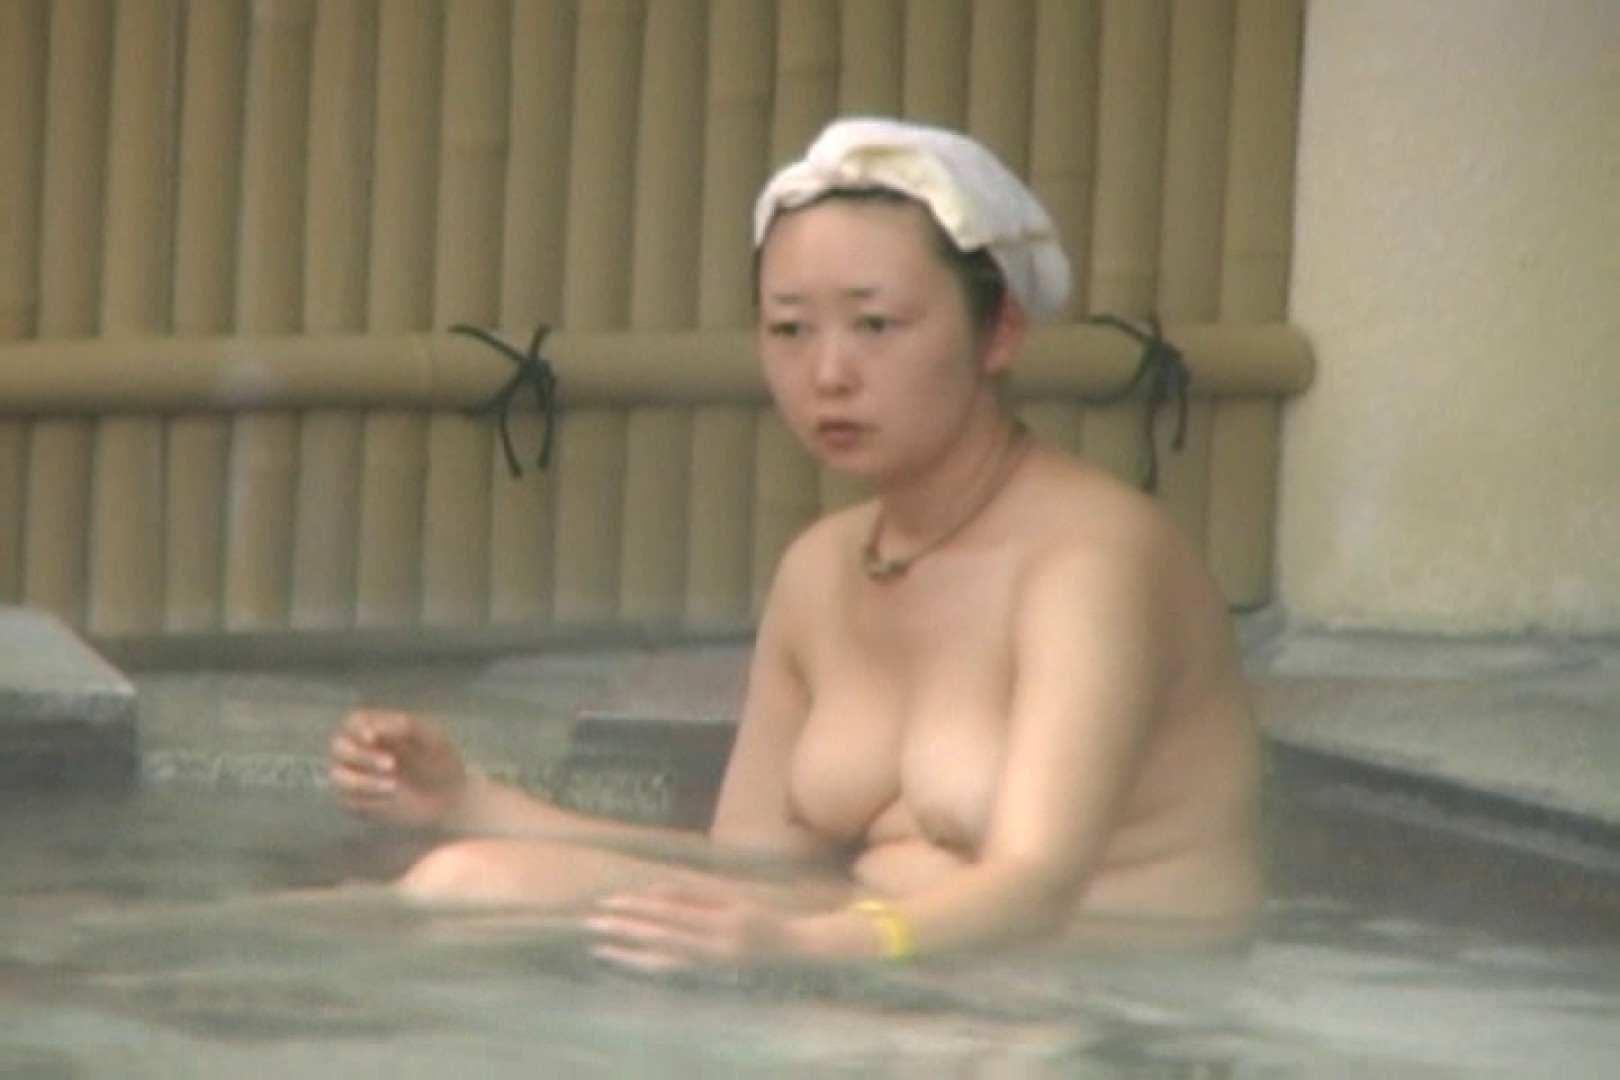 Aquaな露天風呂Vol.564 美しいOLの裸体   盗撮師作品  100pic 76